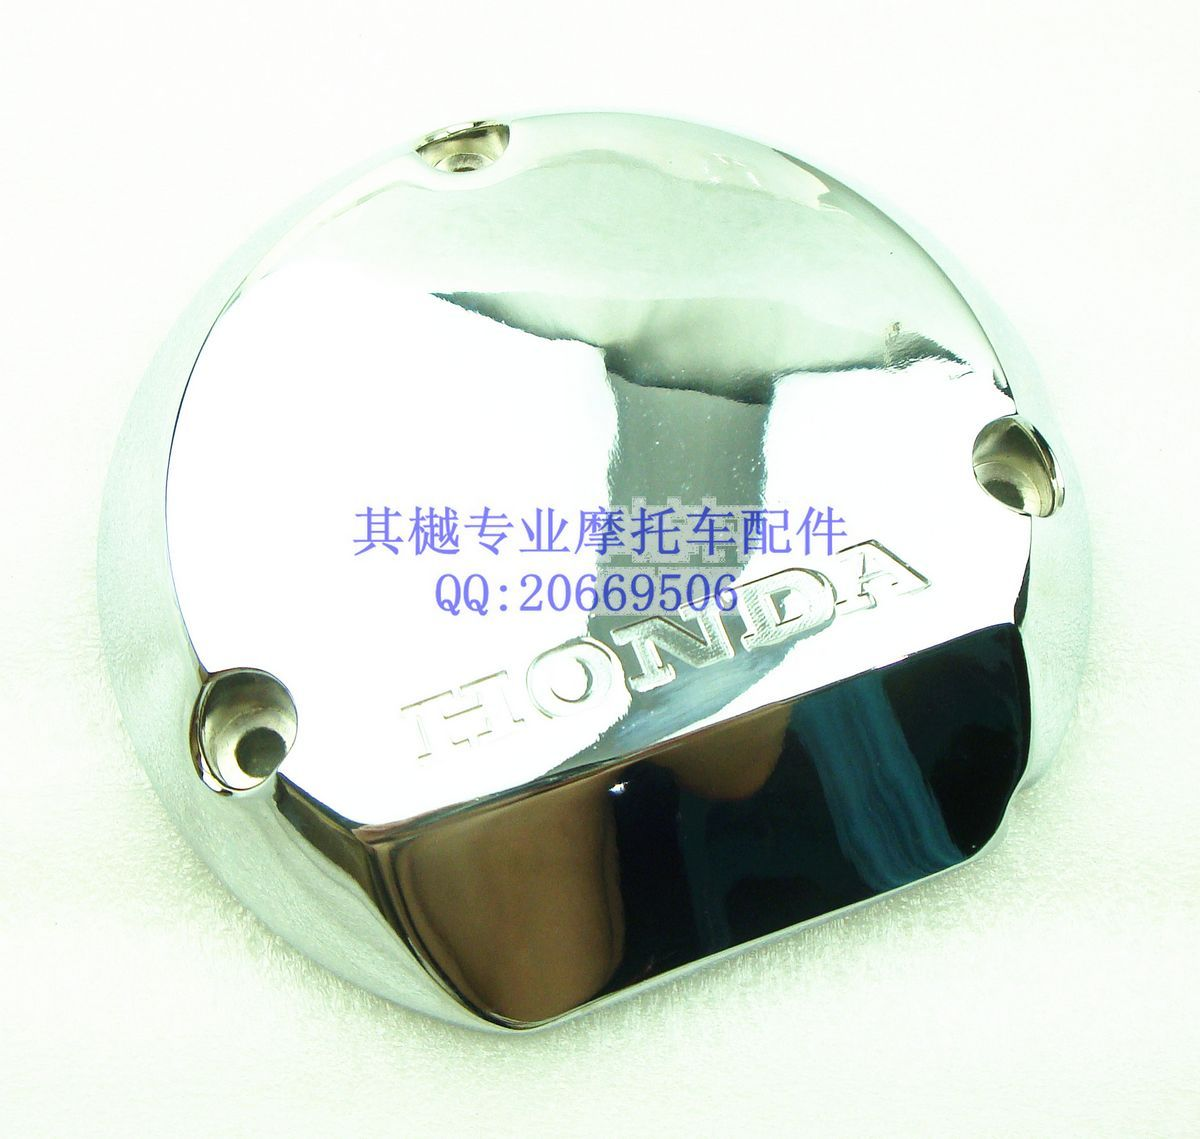 Хонда СВ400 VTEC двигатель боковую крышку 1 2 3 Плакировка